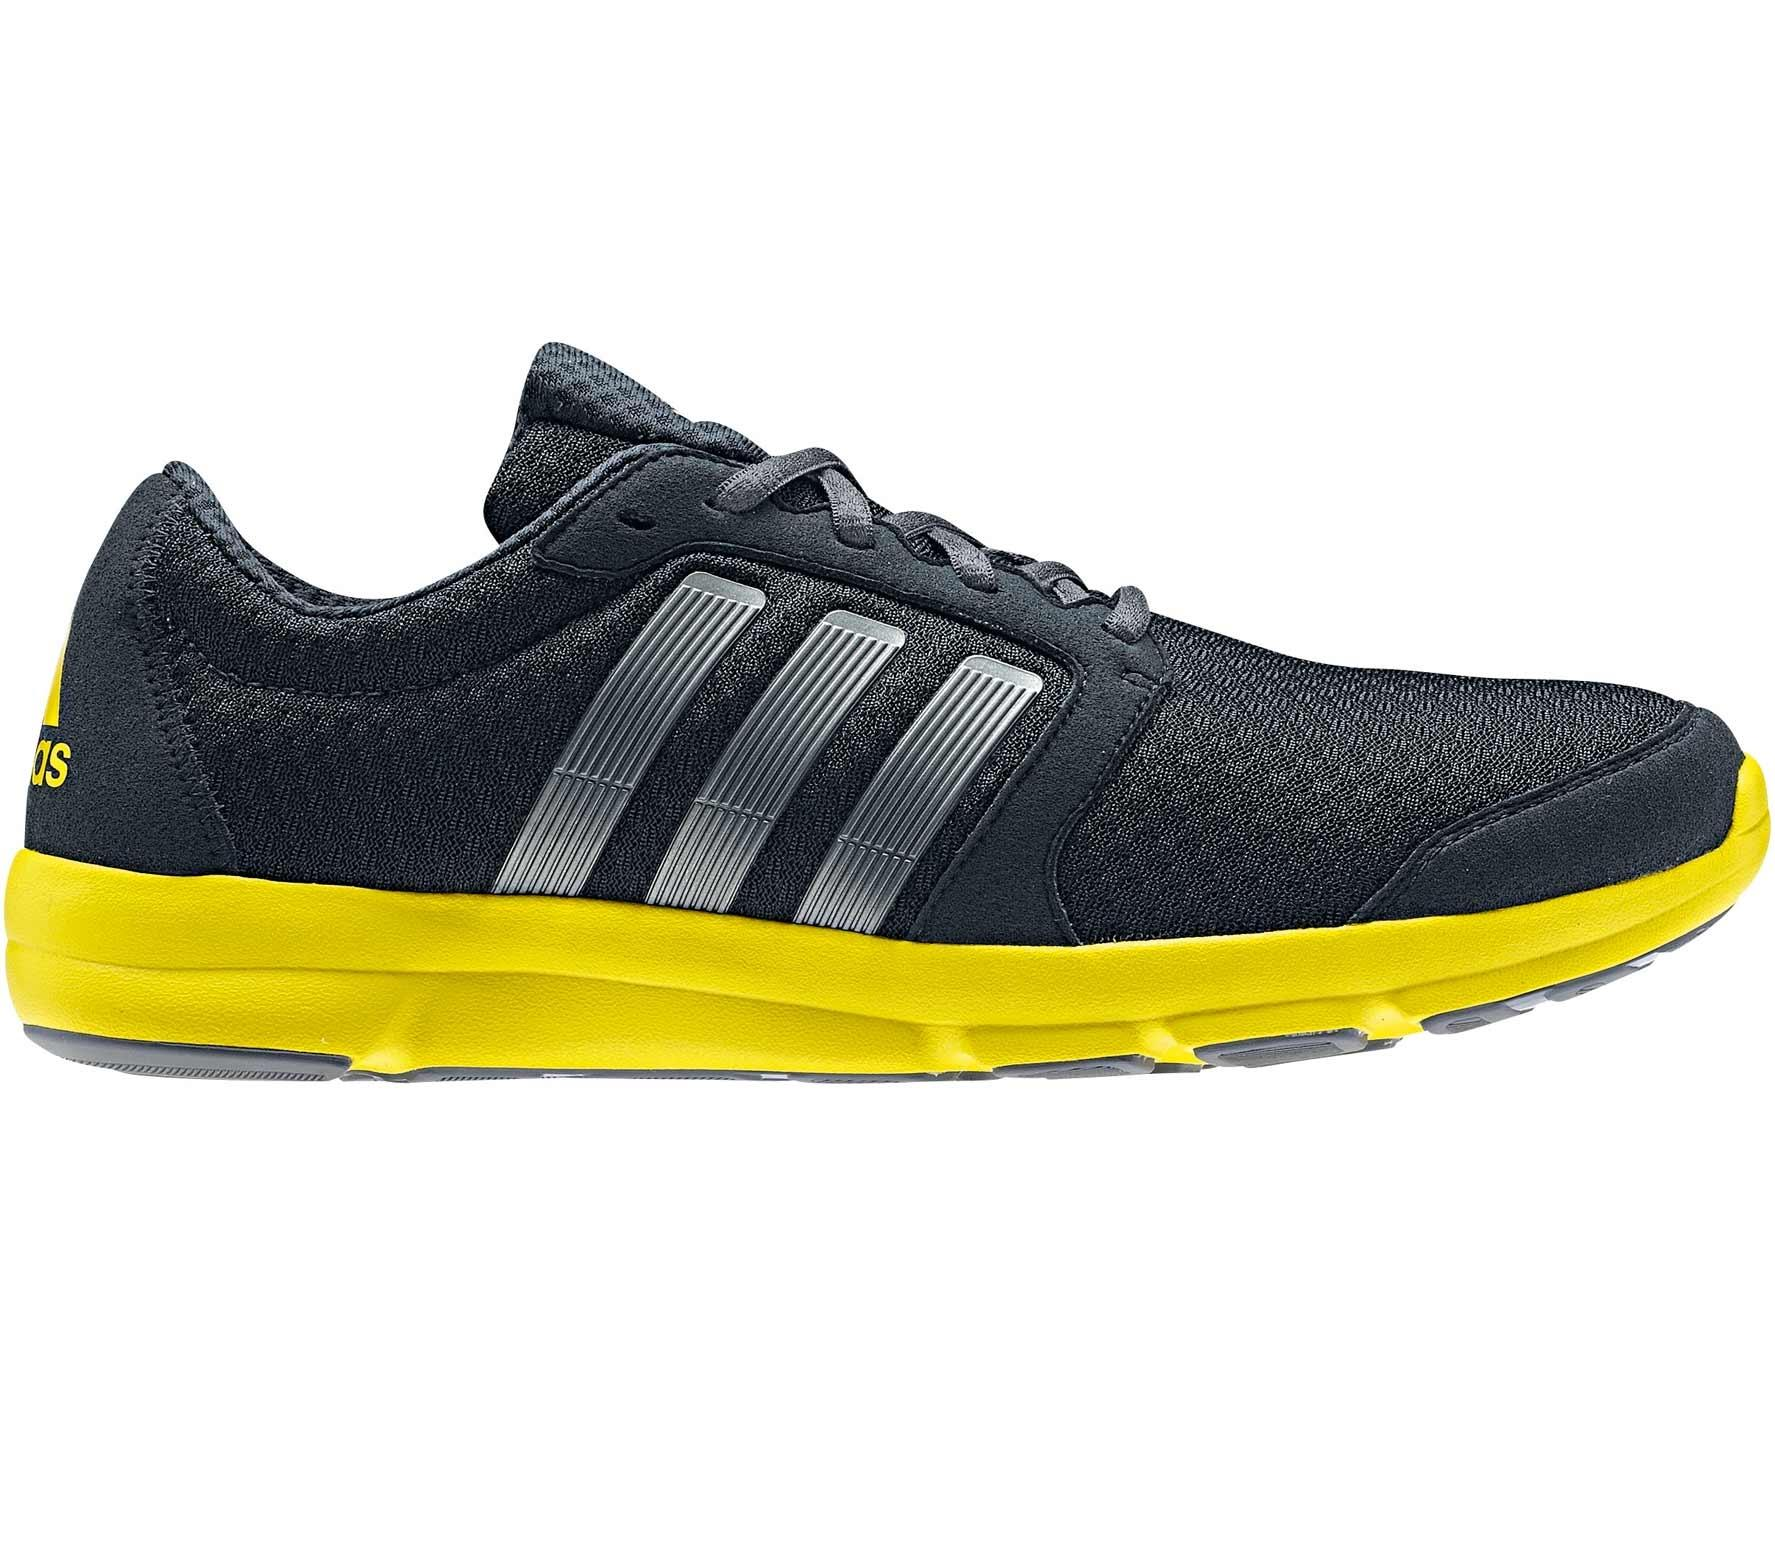 Adidas Run Natural pisocompartido madrid.es